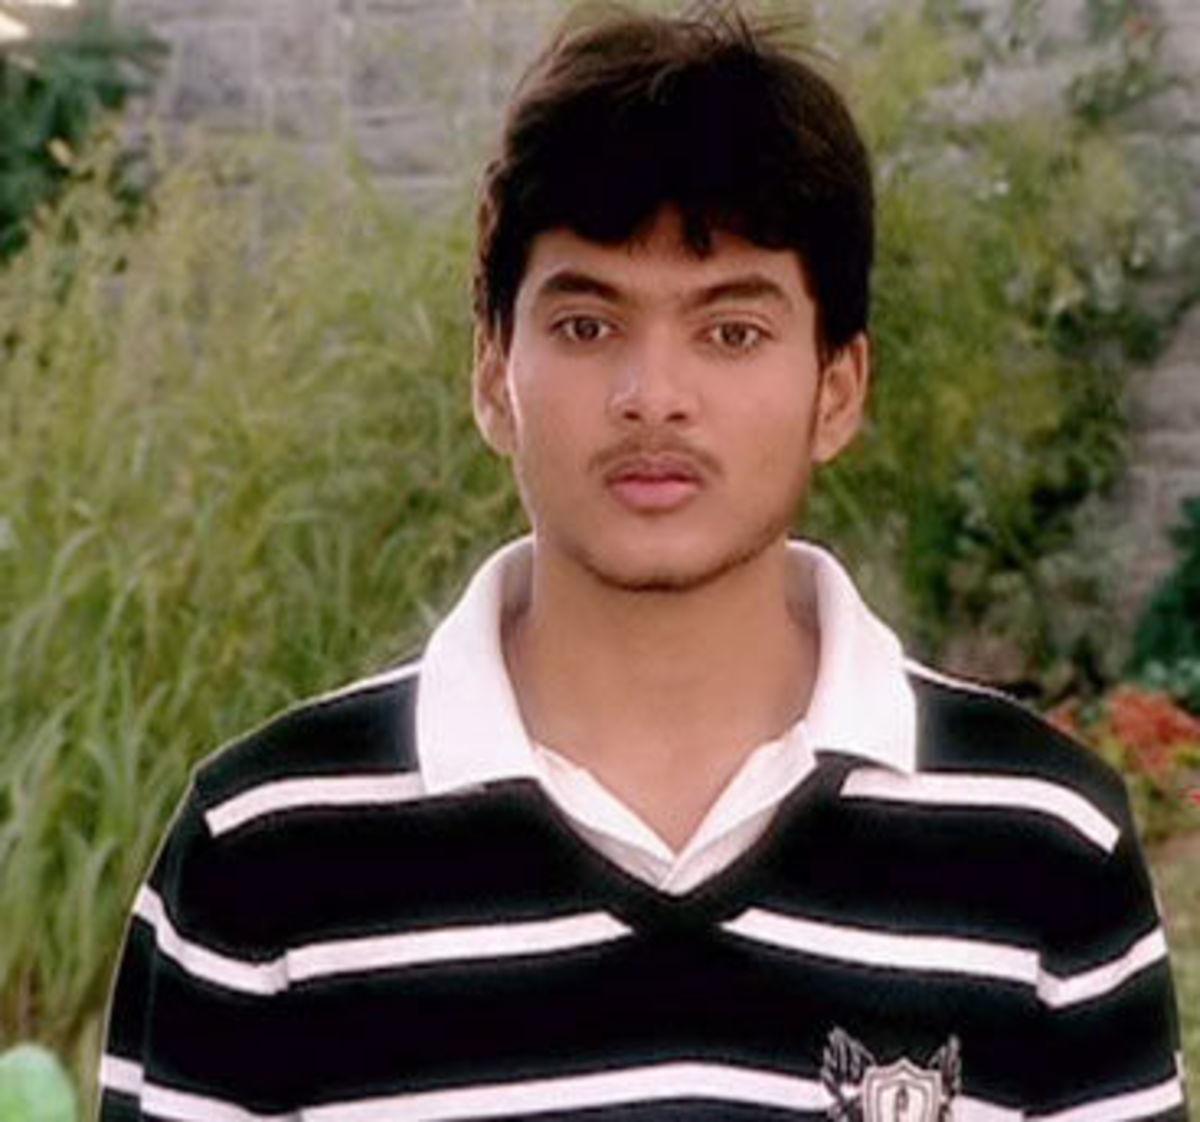 Nivedita's Brother Yash